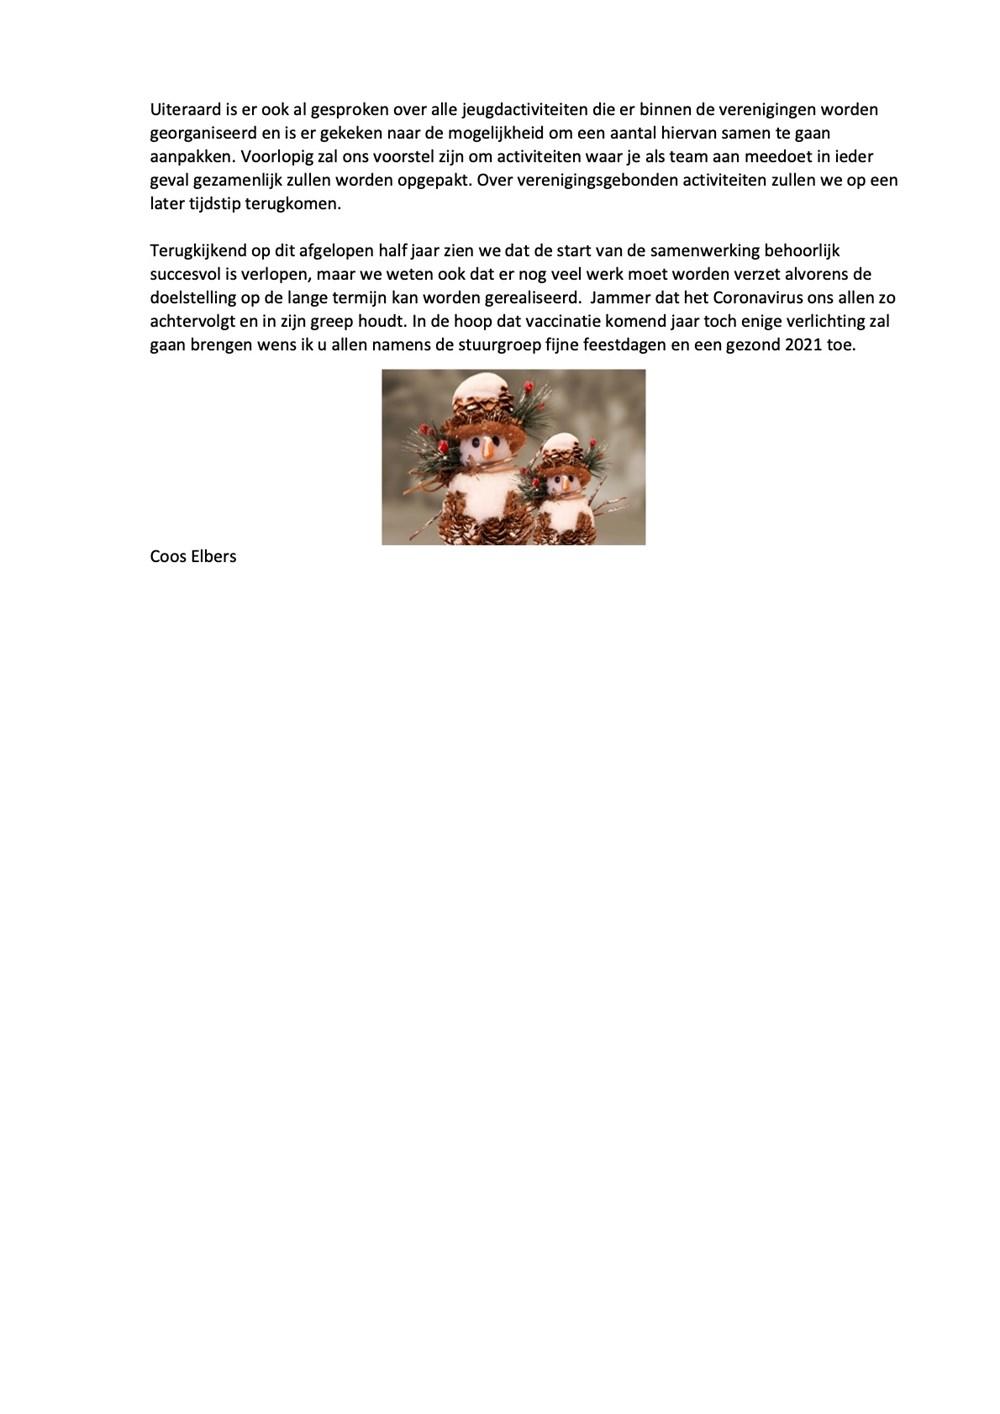 Nieuwsbrief_5_samenwerking_HB-Zw-2.jpg